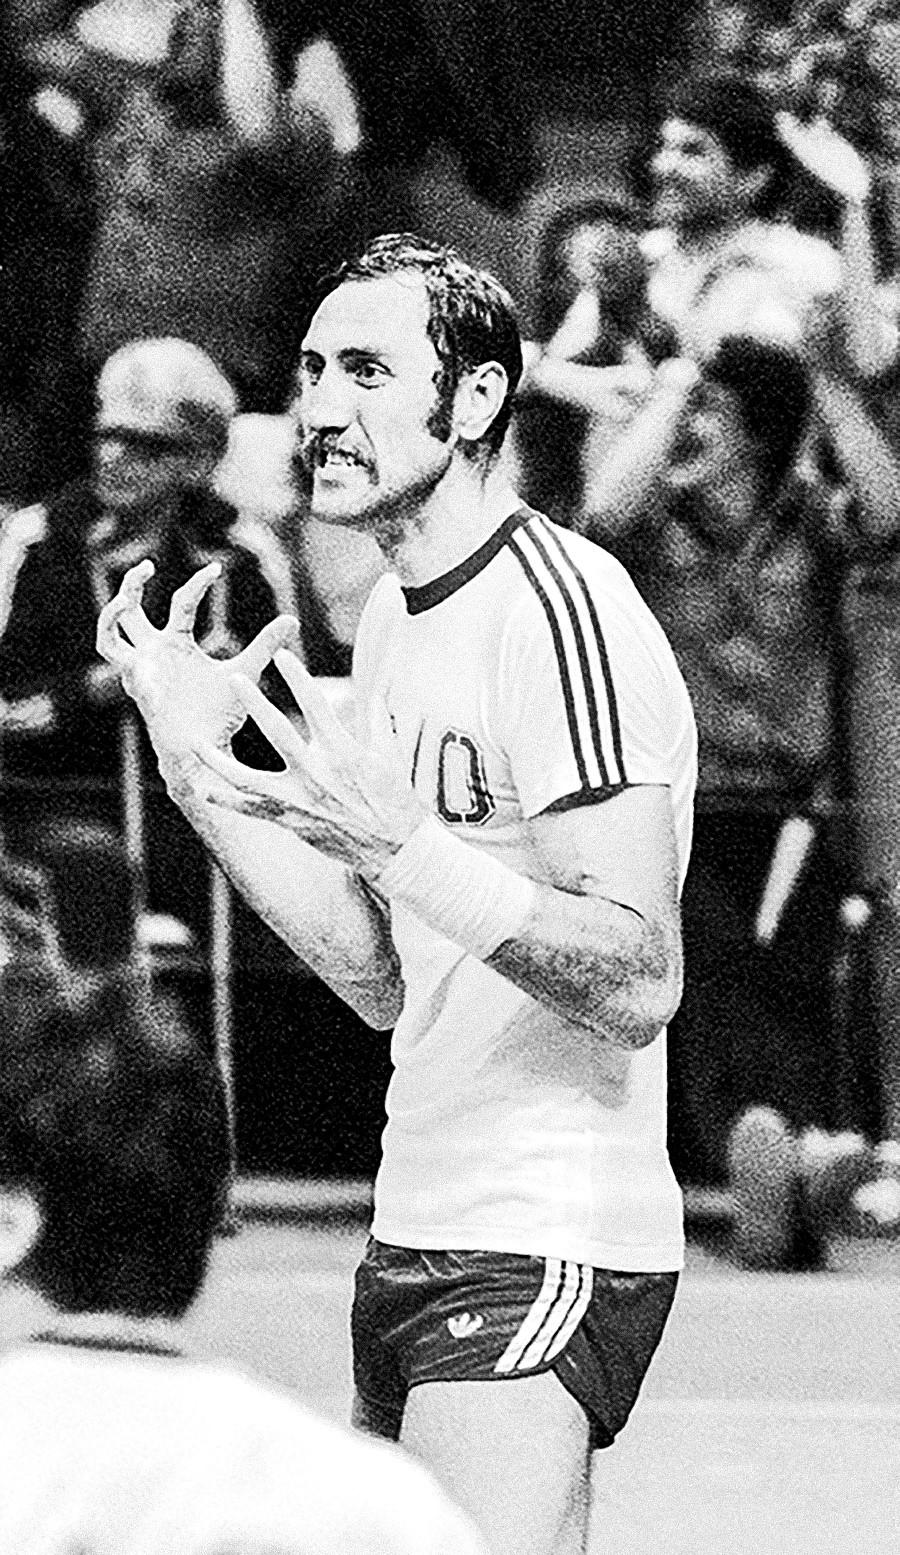 Joueur de handball, 1980